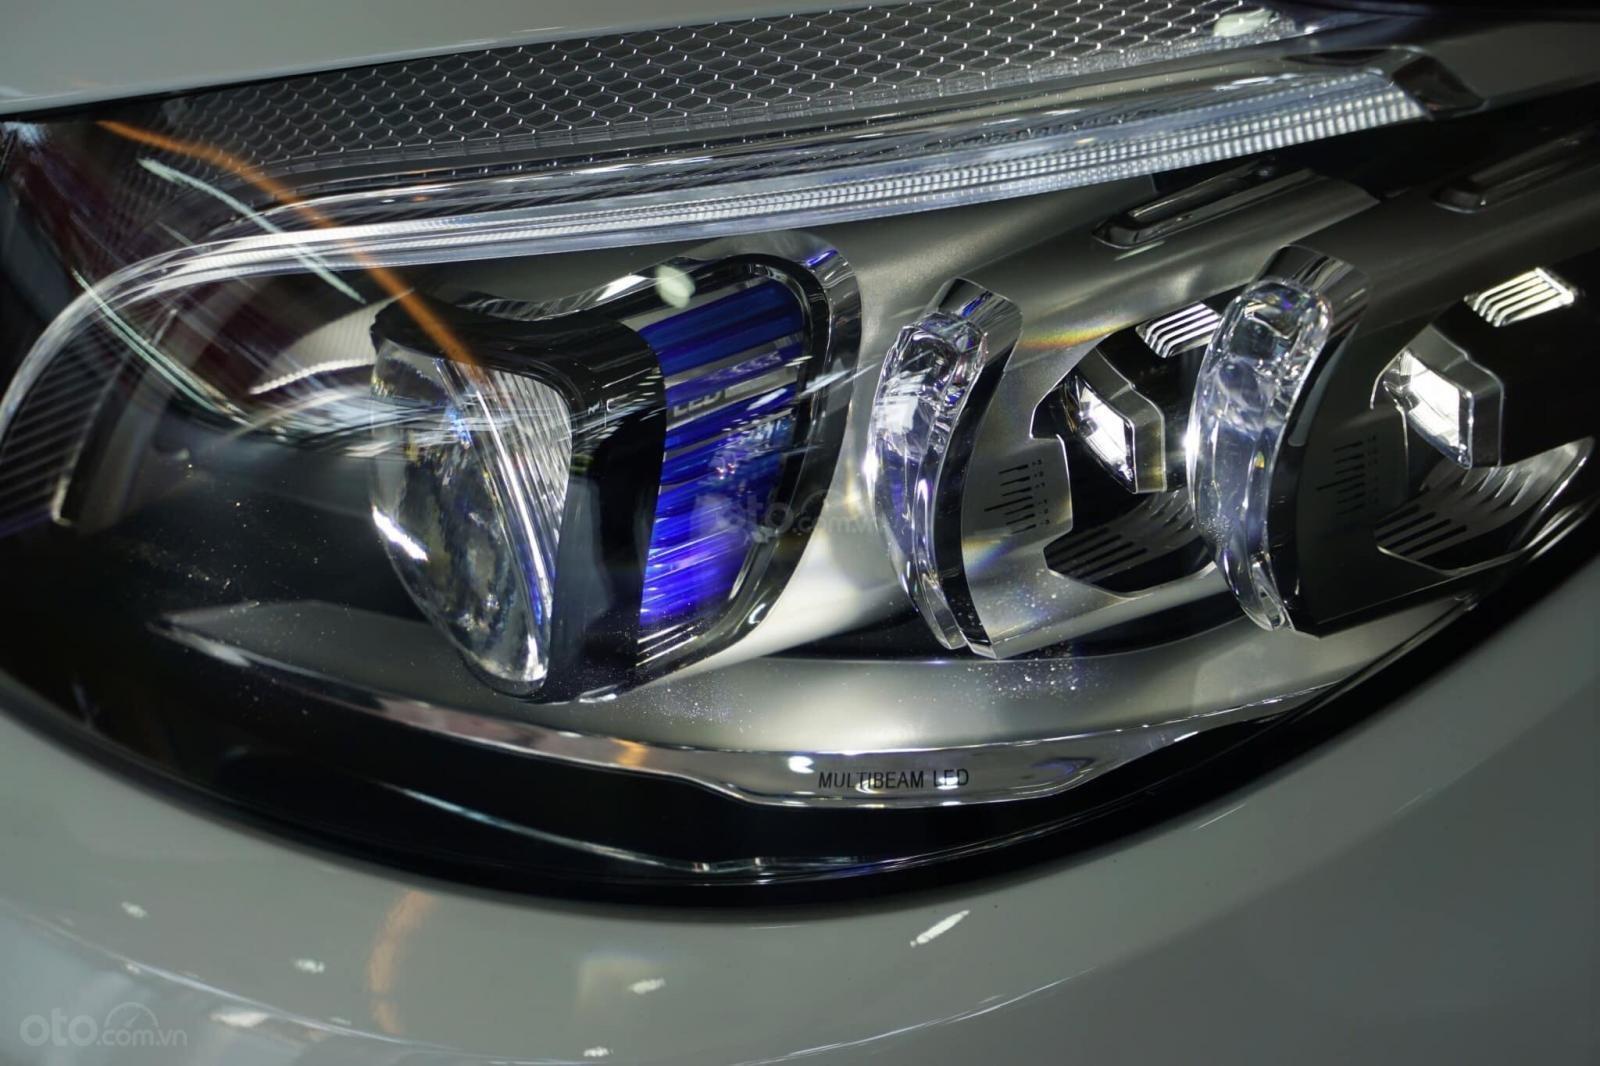 Giá xe Mercedes C300 AMG 2019: Thông số, giá lăn bánh (11/2019) giảm tiền mặt, tặng bảo hiểm và phụ kiện chính hãng (7)